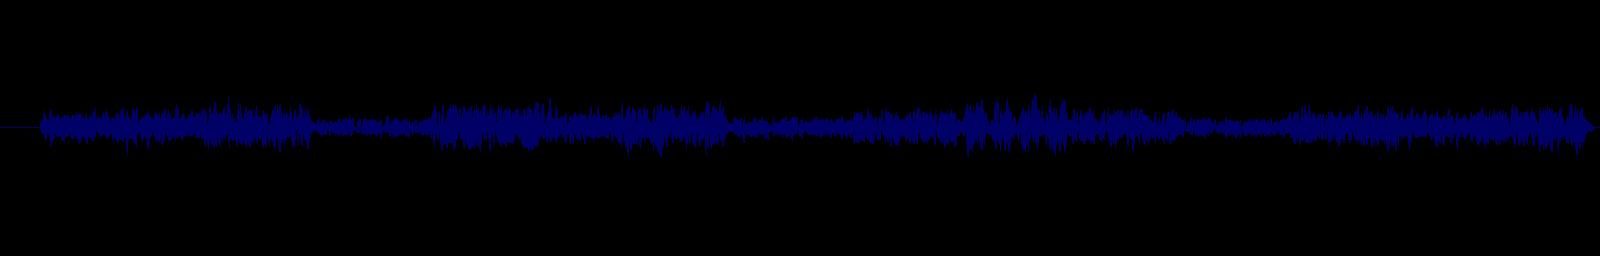 waveform of track #152666